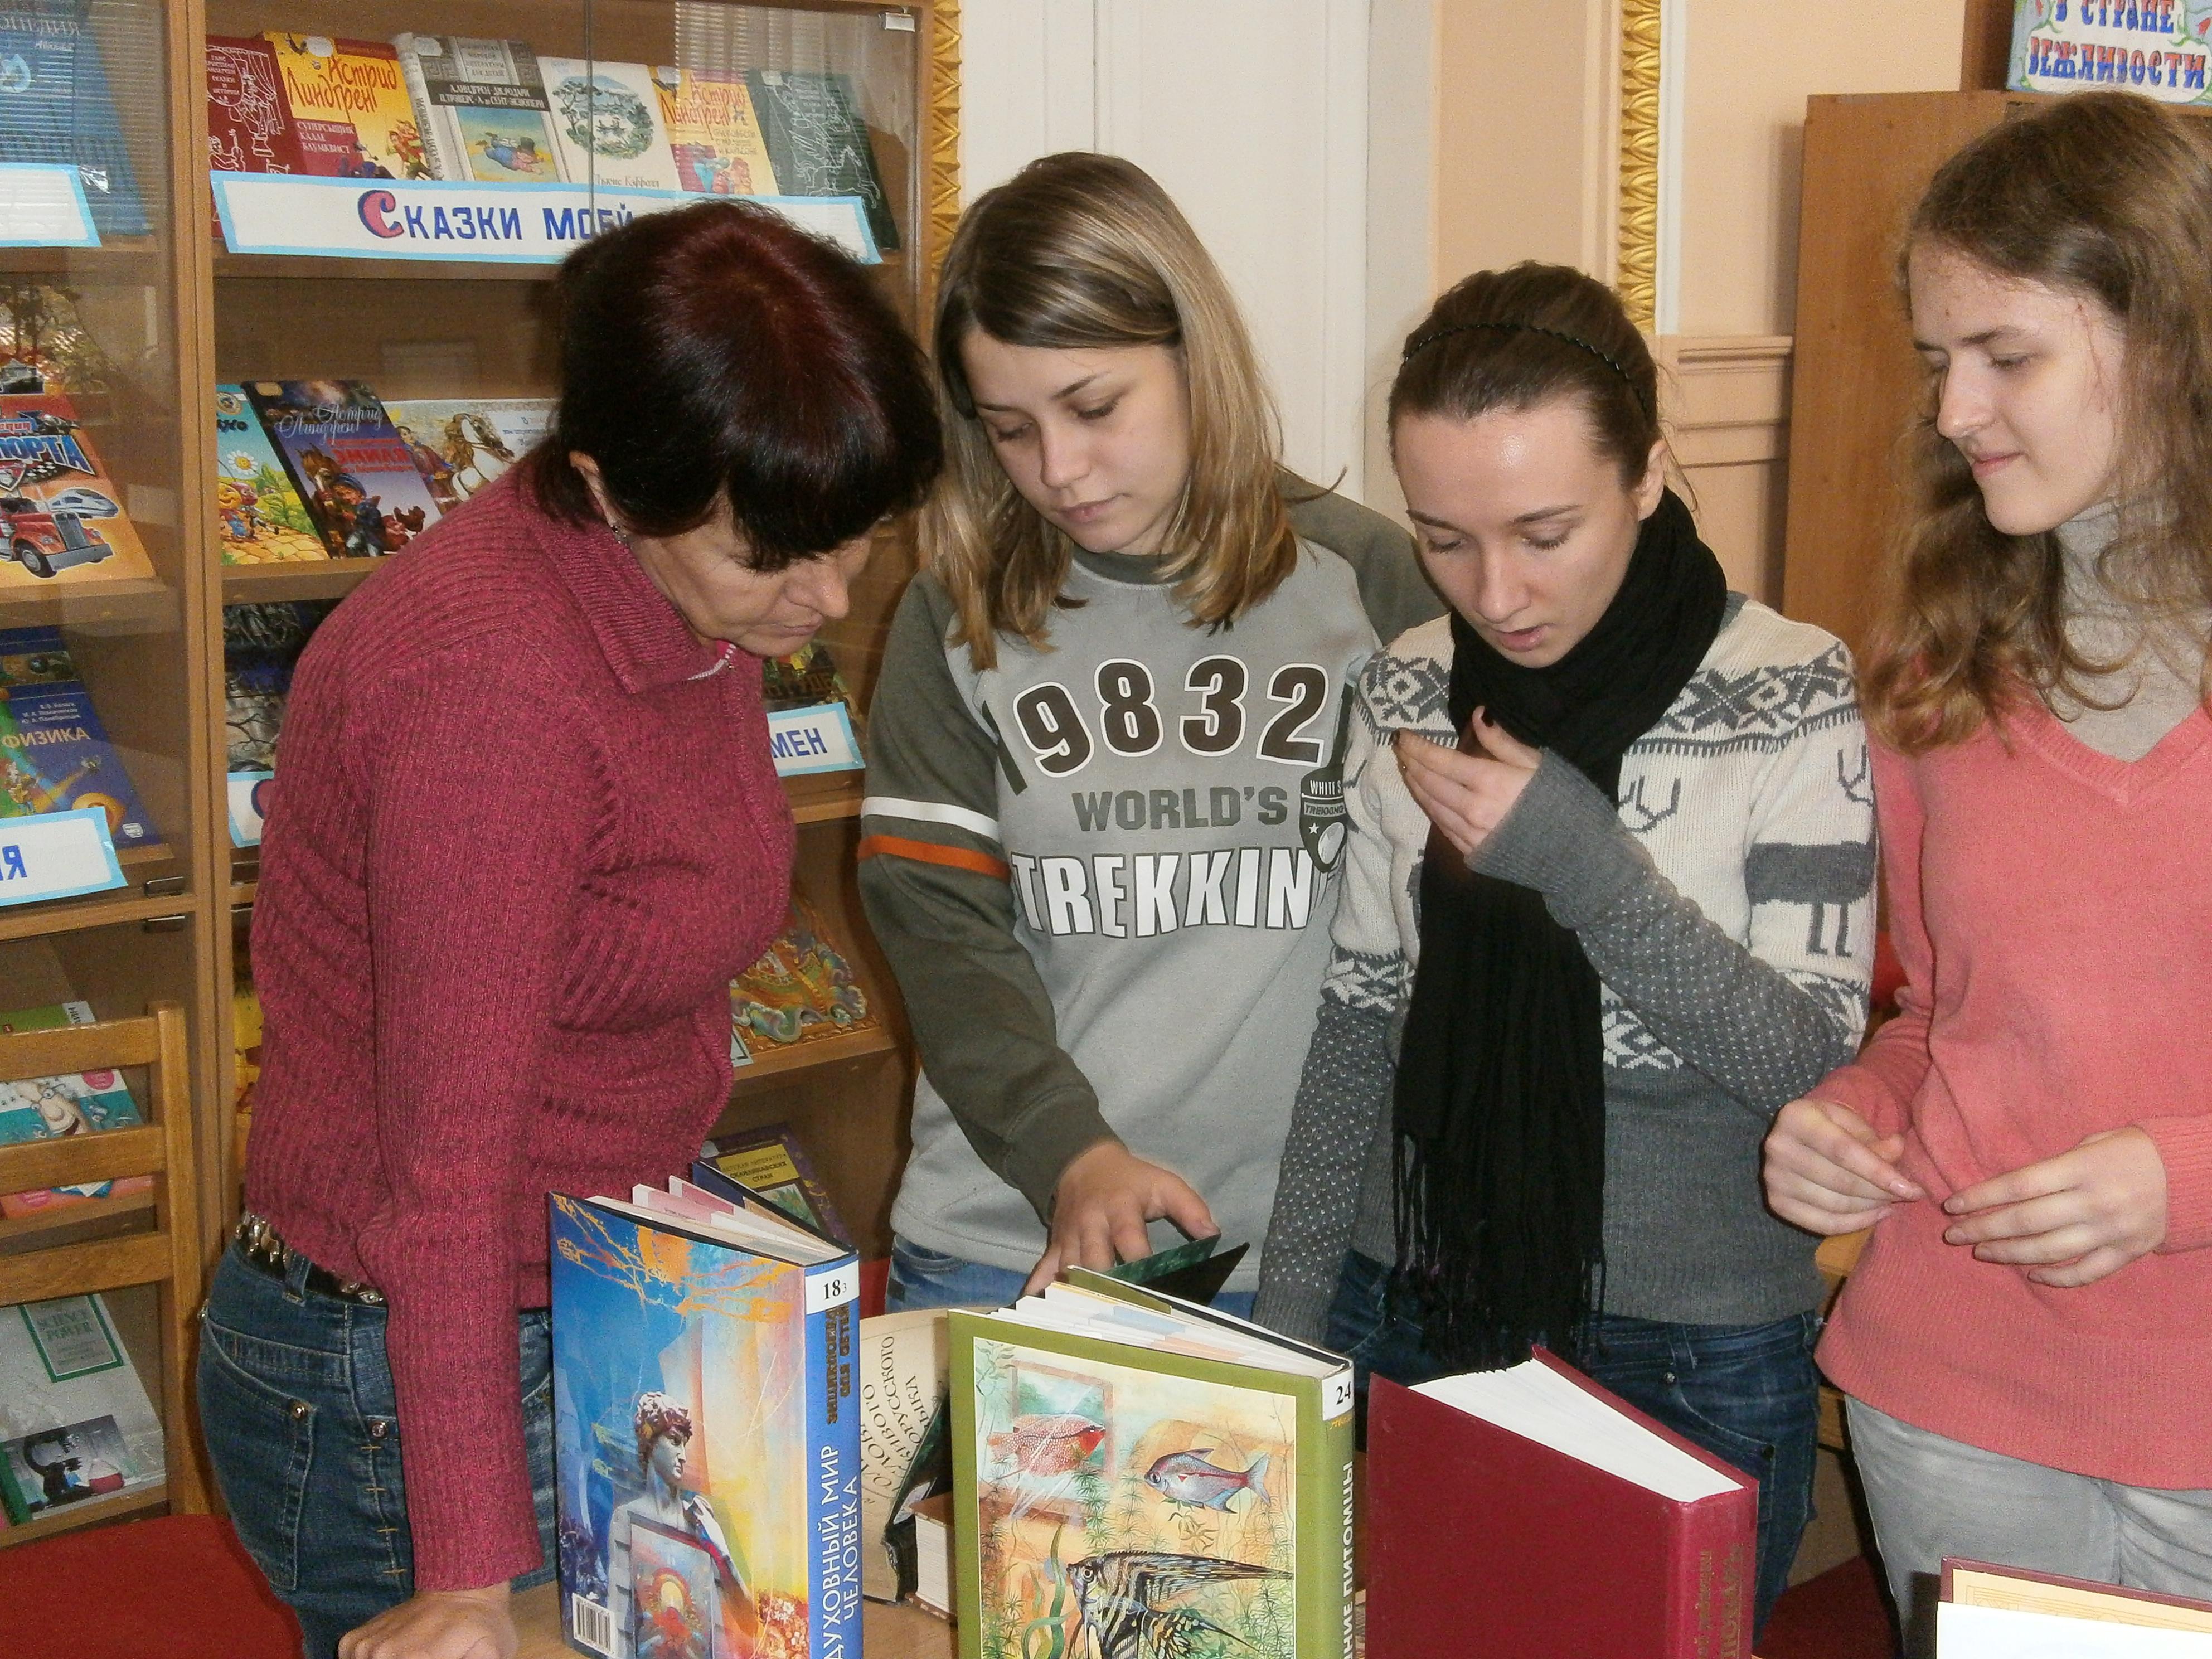 урок-экскурсия,донецкая республиканская библиотека для детей,донецкий колледж культуры и искусства,поиск книг в библиотеке